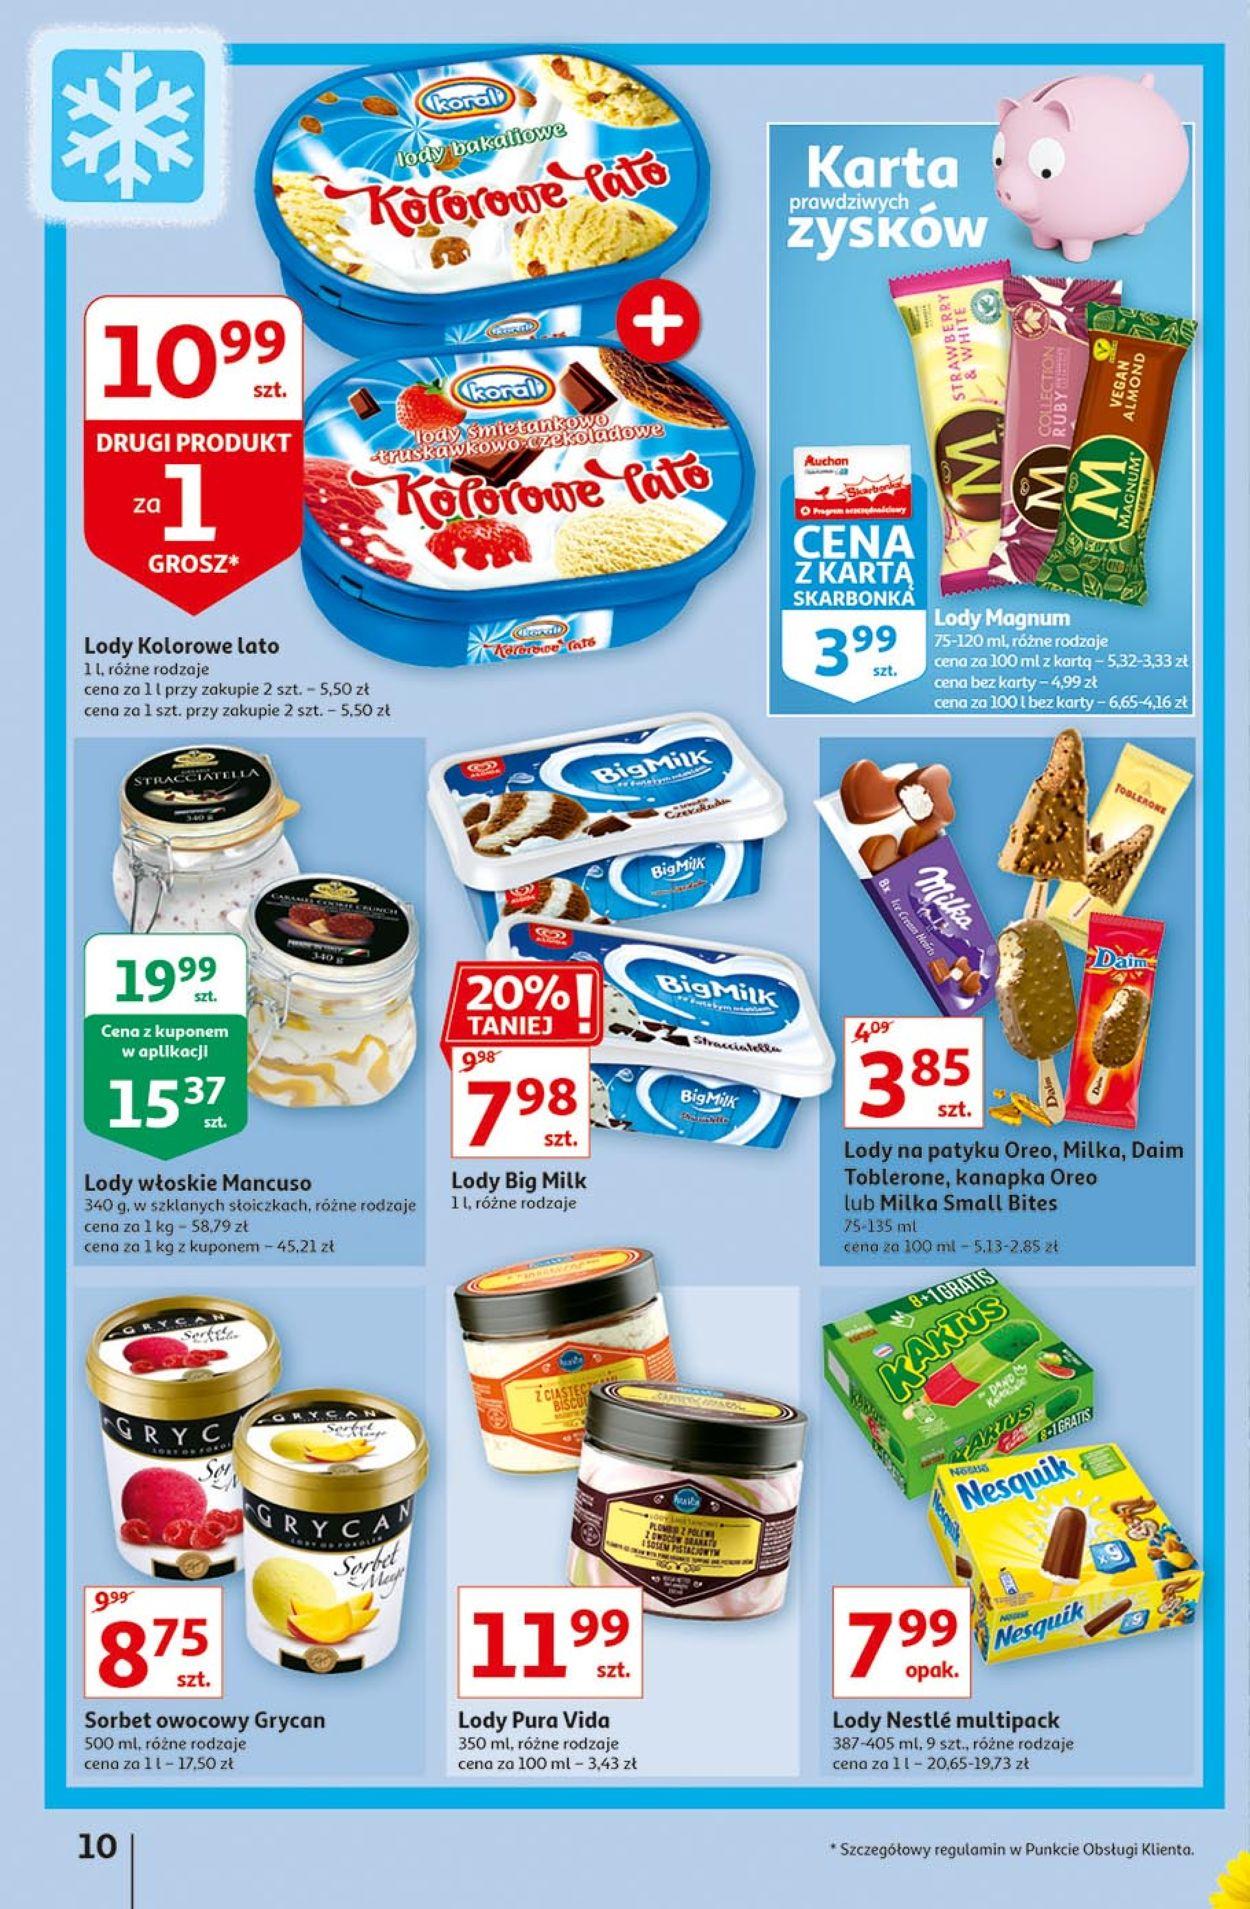 Gazetka promocyjna Auchan - 13.08-19.08.2020 (Strona 10)